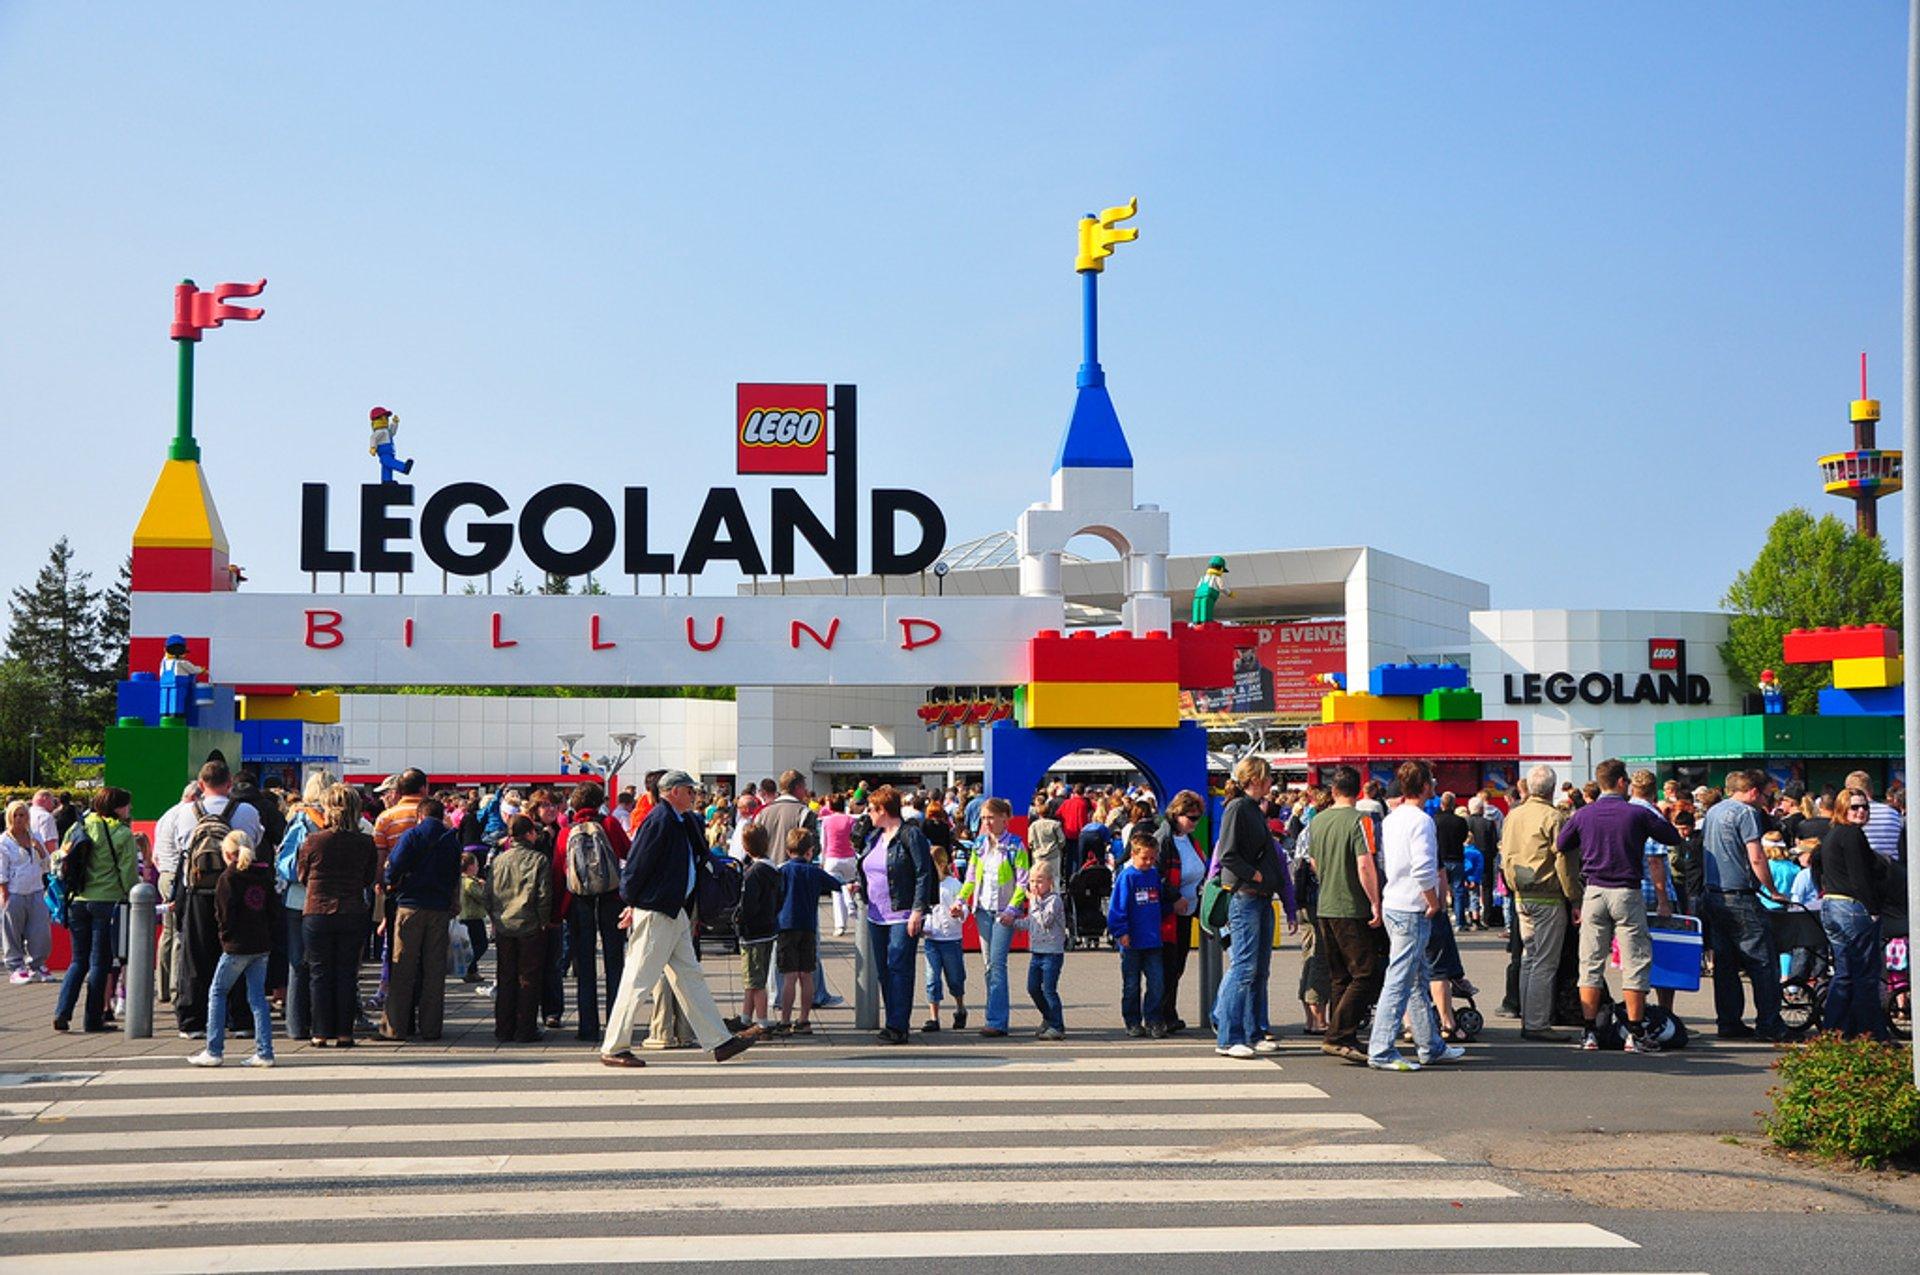 Legoland in Denmark 2020 - Best Time